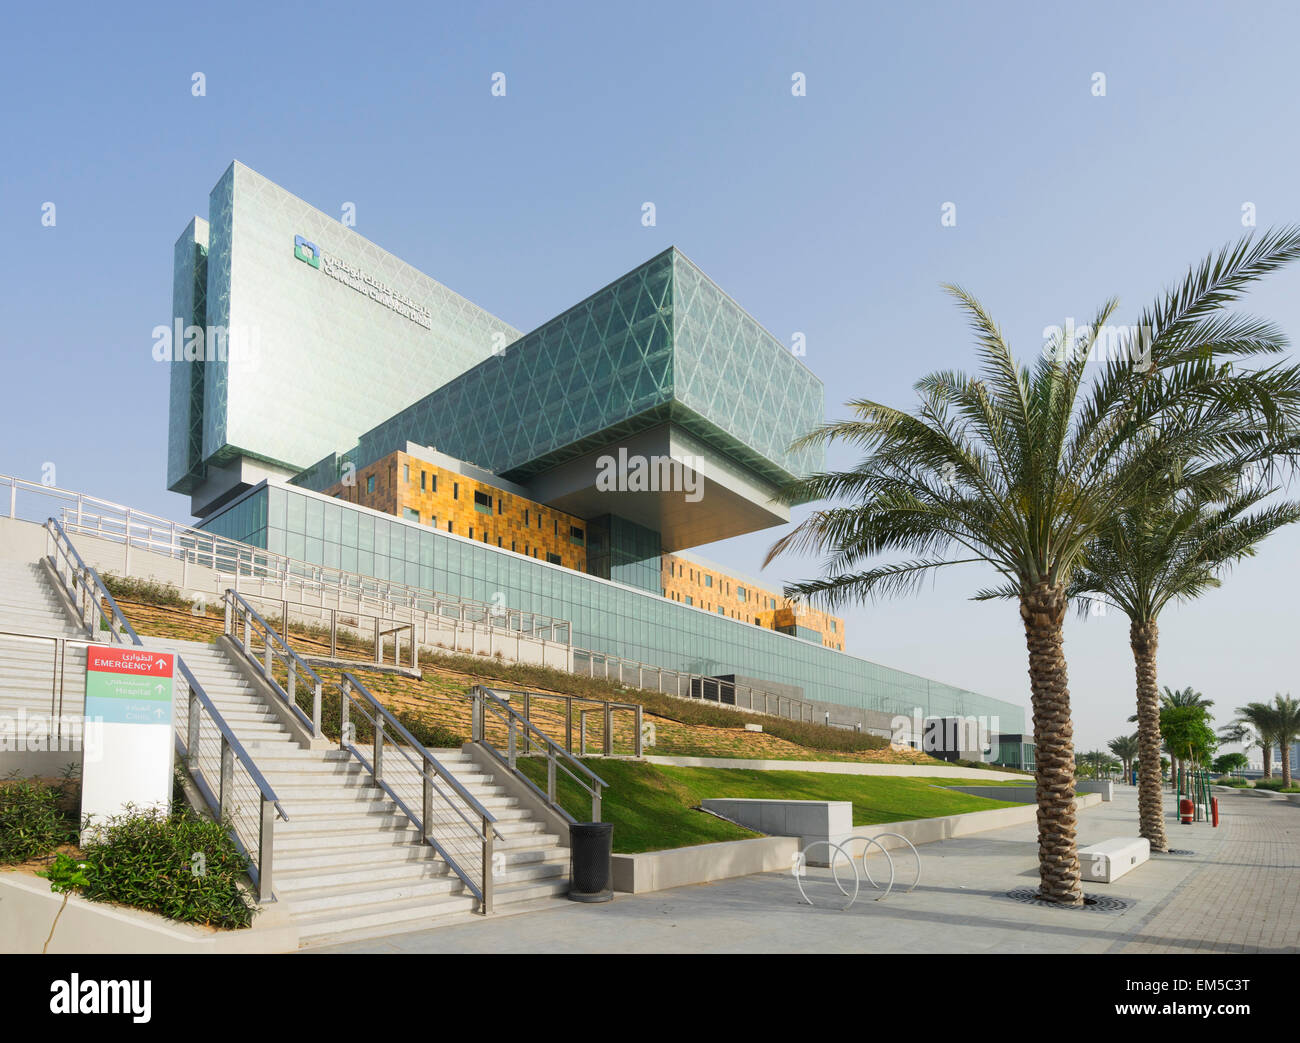 The new Cleveland Clinic Abu Dhabi on Al Maryah Island in Abu Dhabi United Arab Emirates - Stock Image